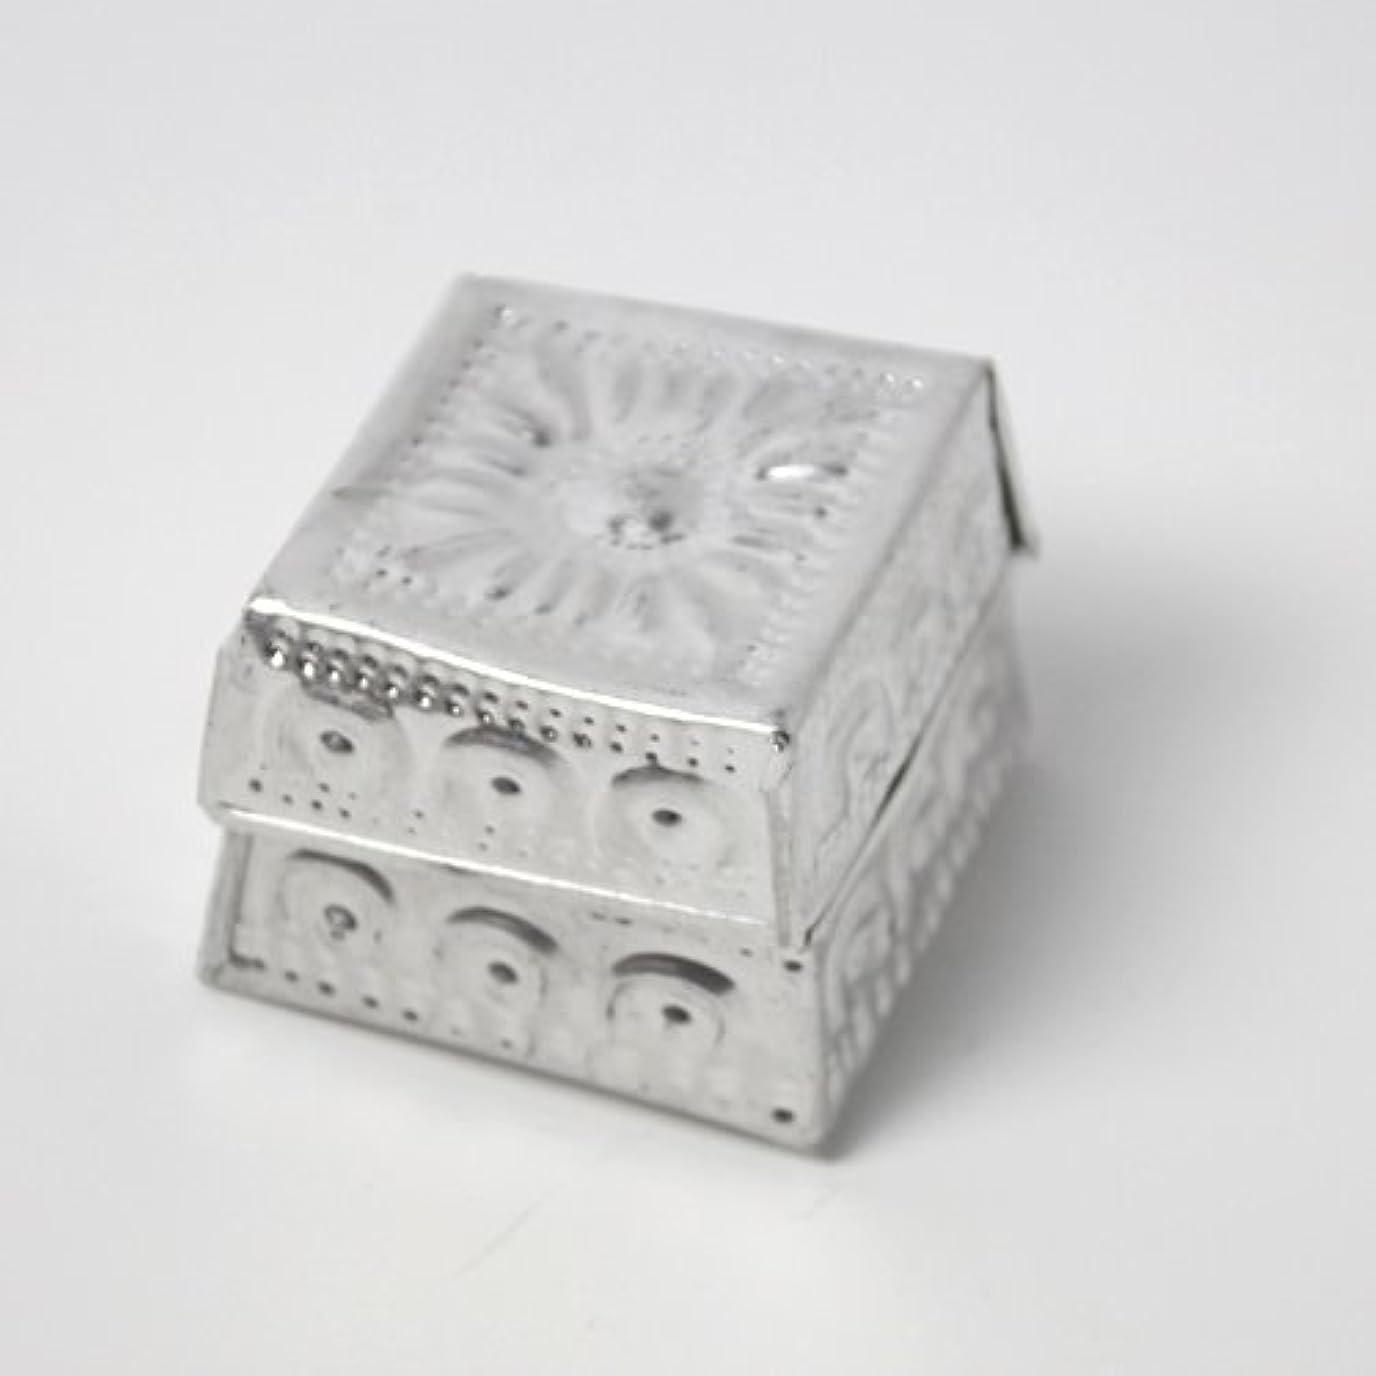 圧縮されたステープルカメラアルミアートのボックスにはいったアロマキャンドル?四角